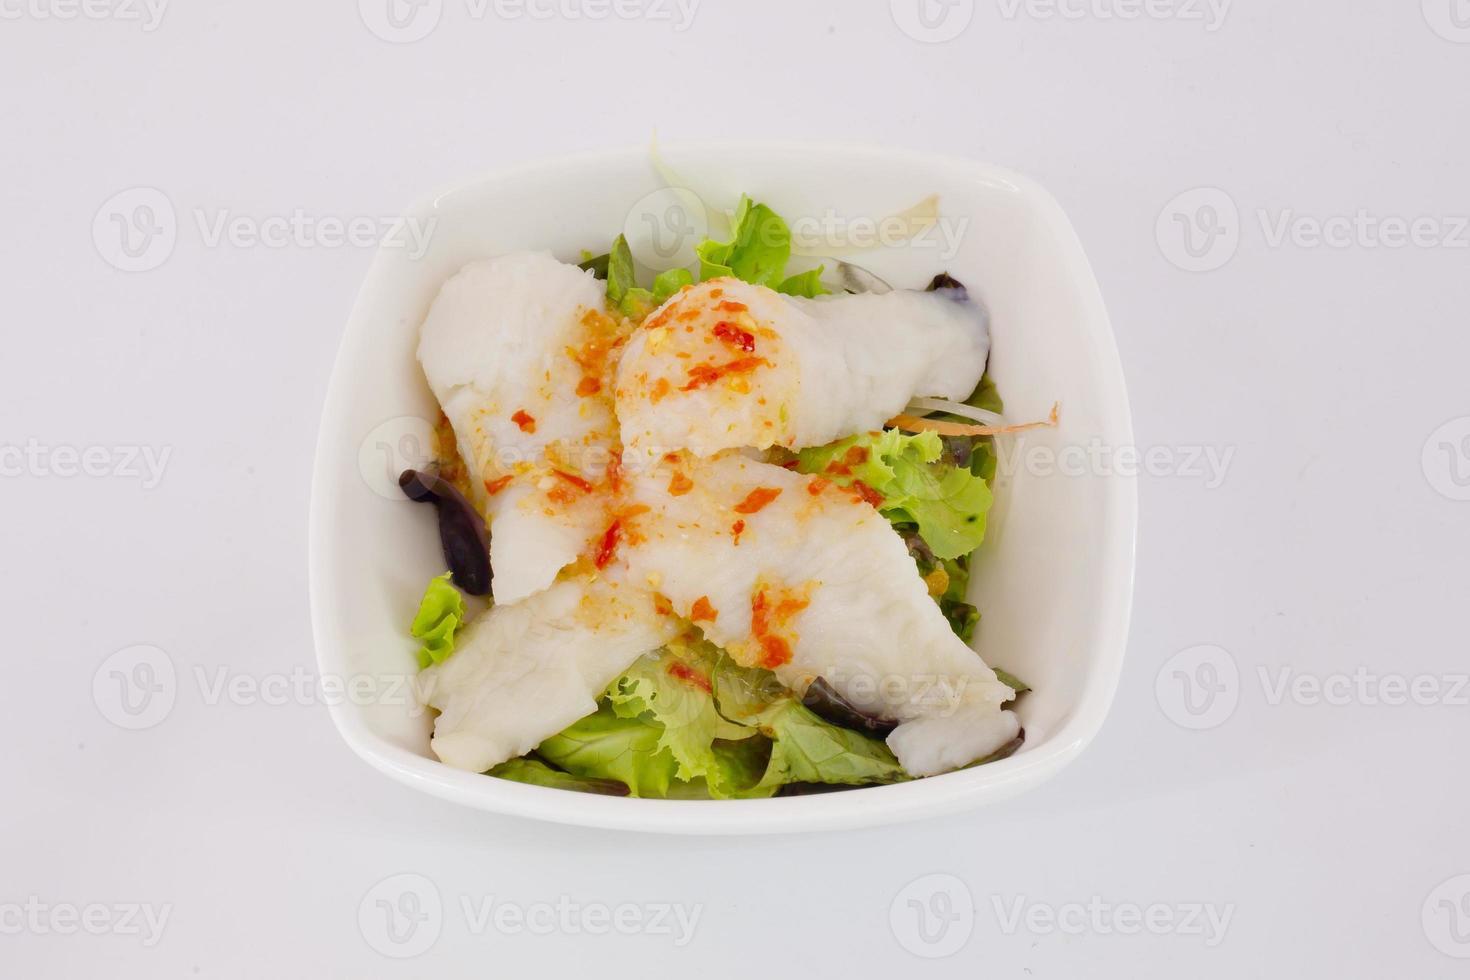 japanischer salat - salat und fleisch mit japanischer salatsauce foto